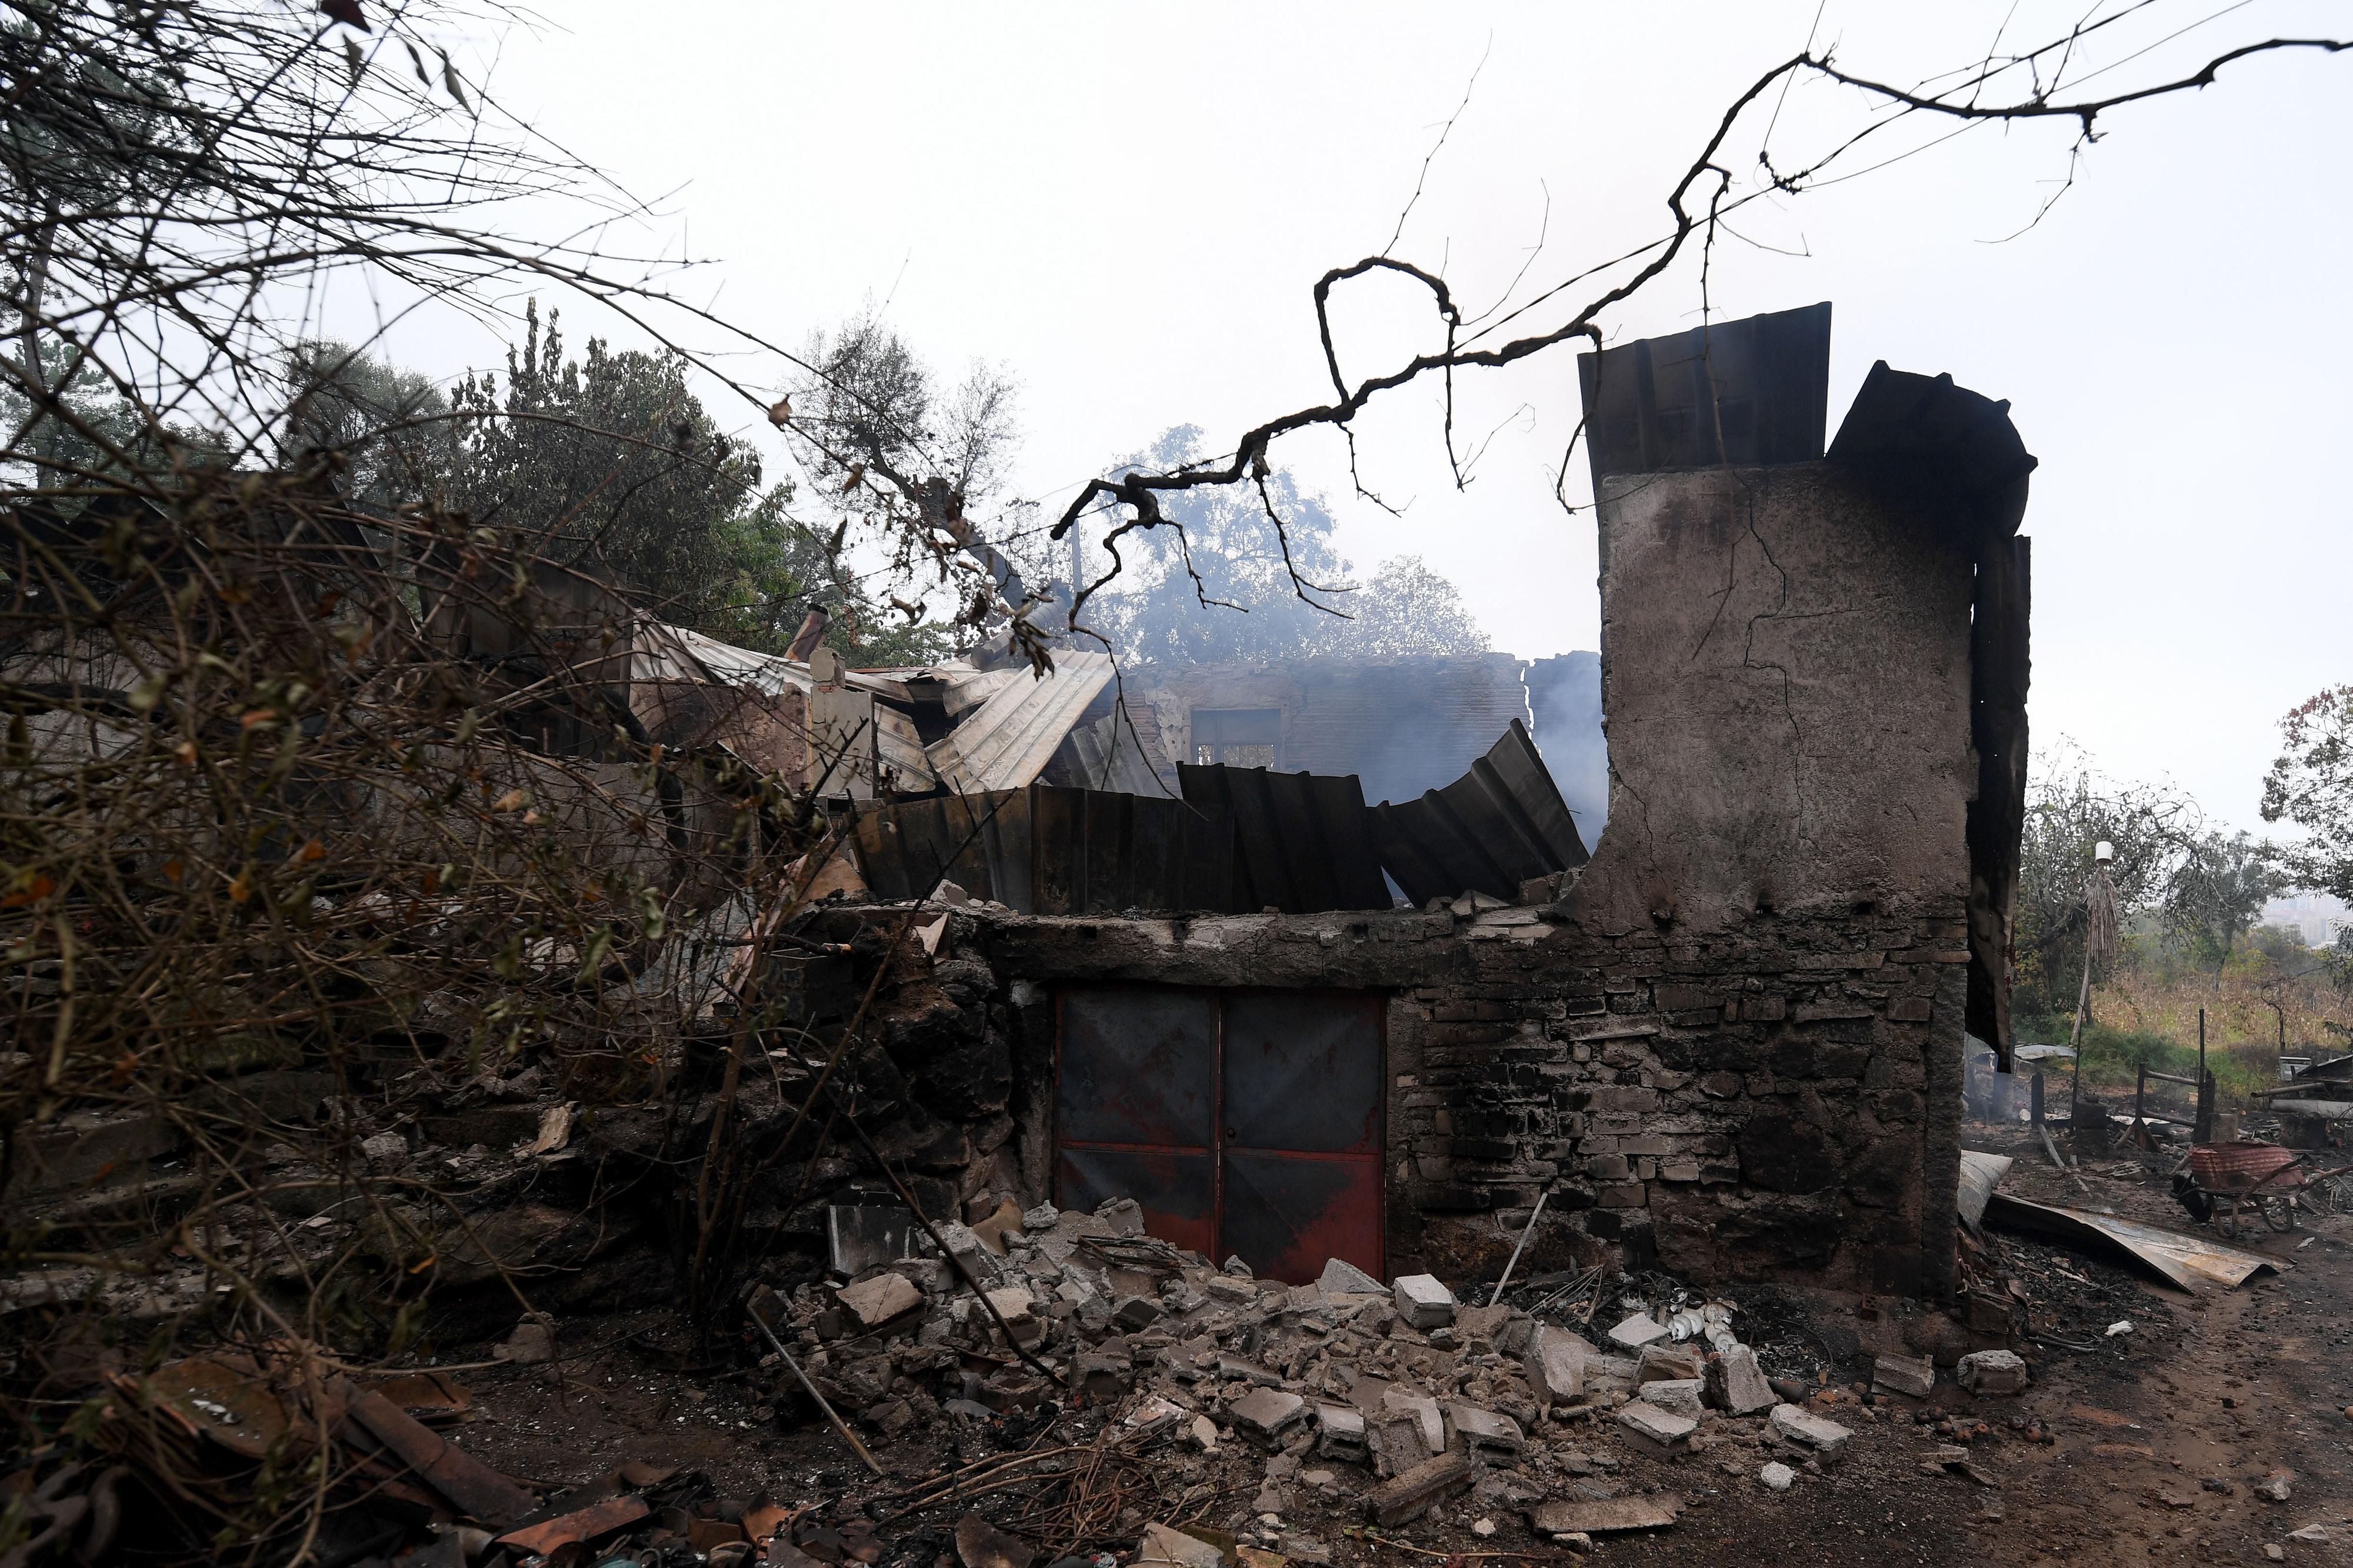 Pontos Essenciais/Incêndios: Trinta concelhos da região Centro atingidos pelas chamas